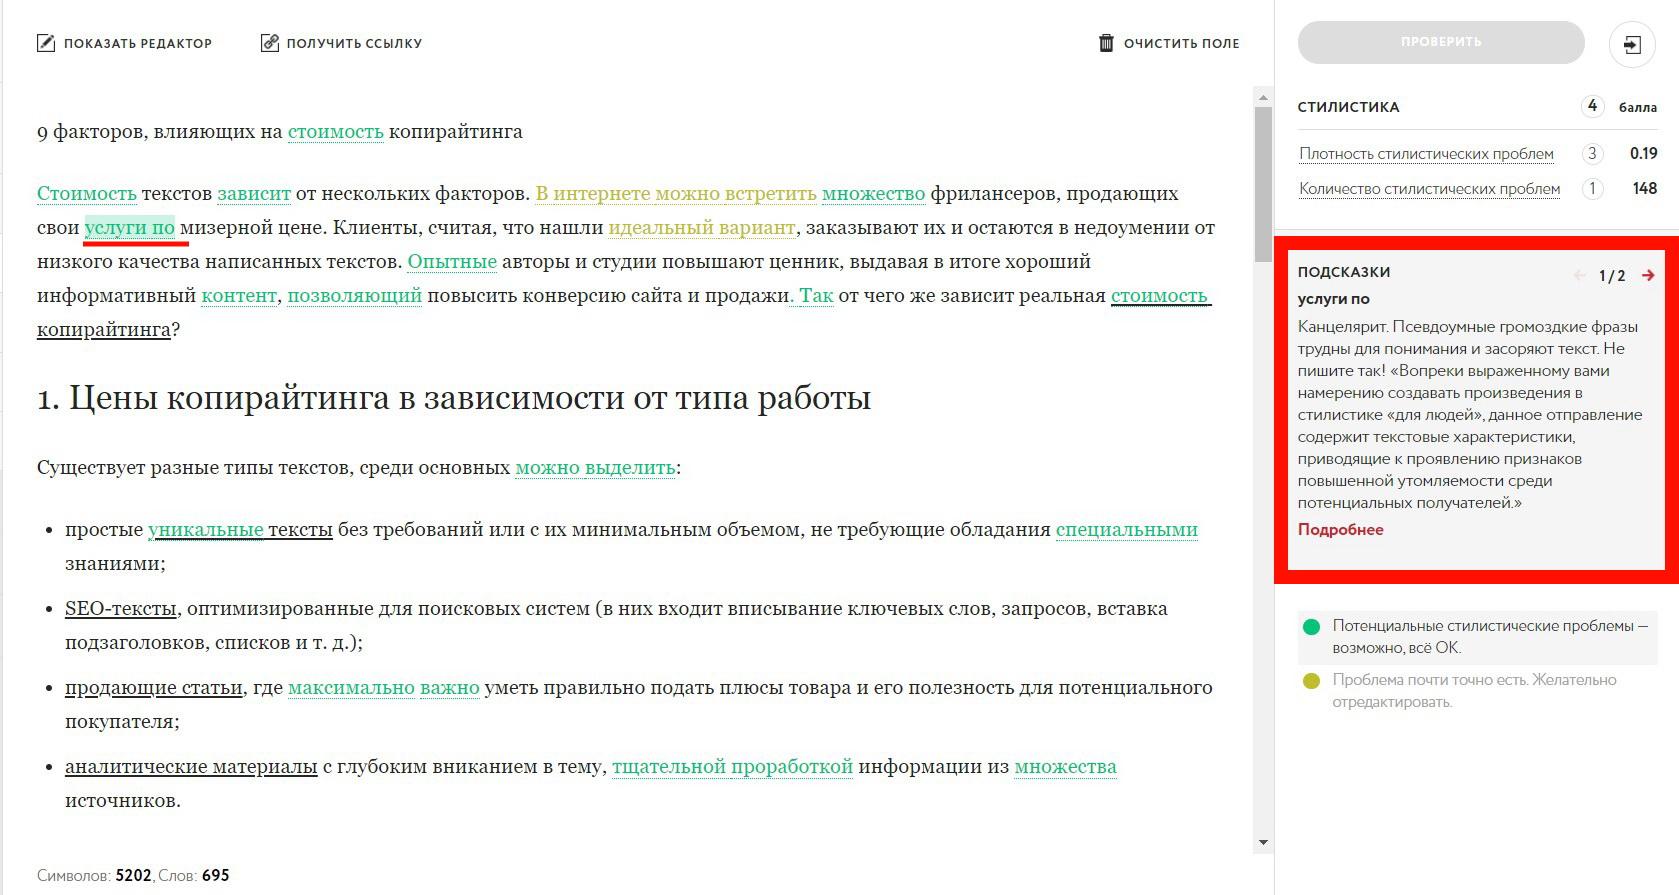 Тургенев - проверка текстов на человечность от Ашманова. Разбираемся в его работа со скриншотами >>